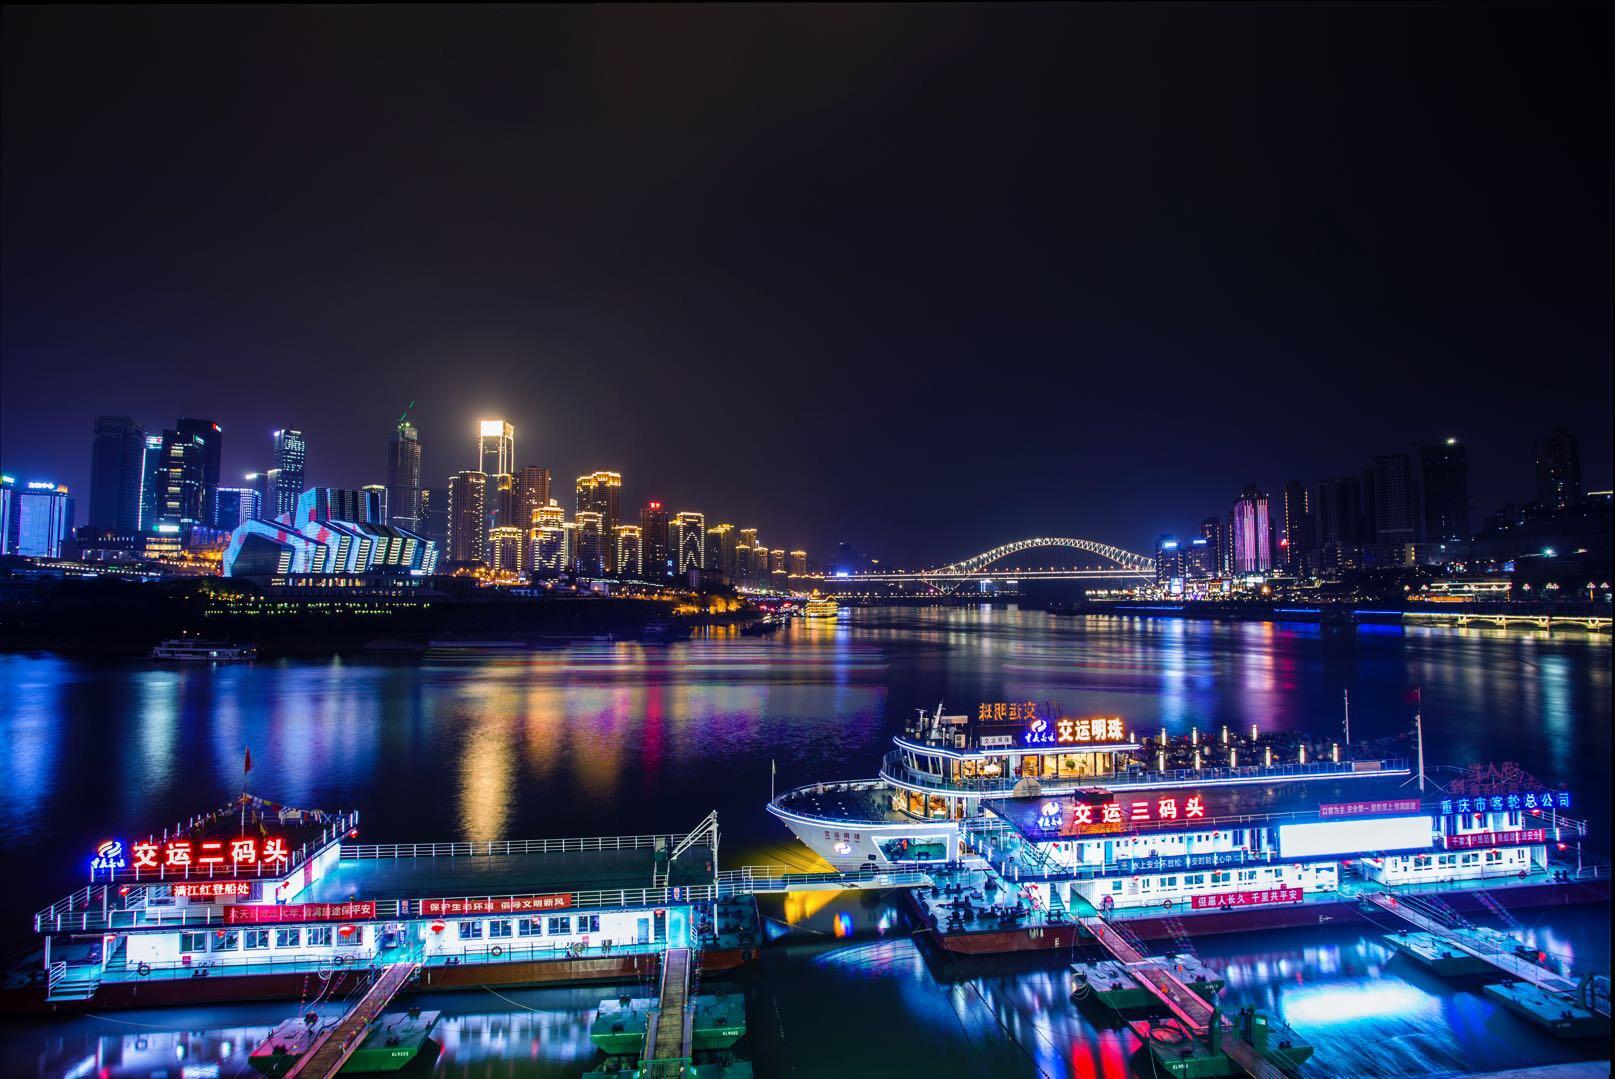 重慶兩江夜遊